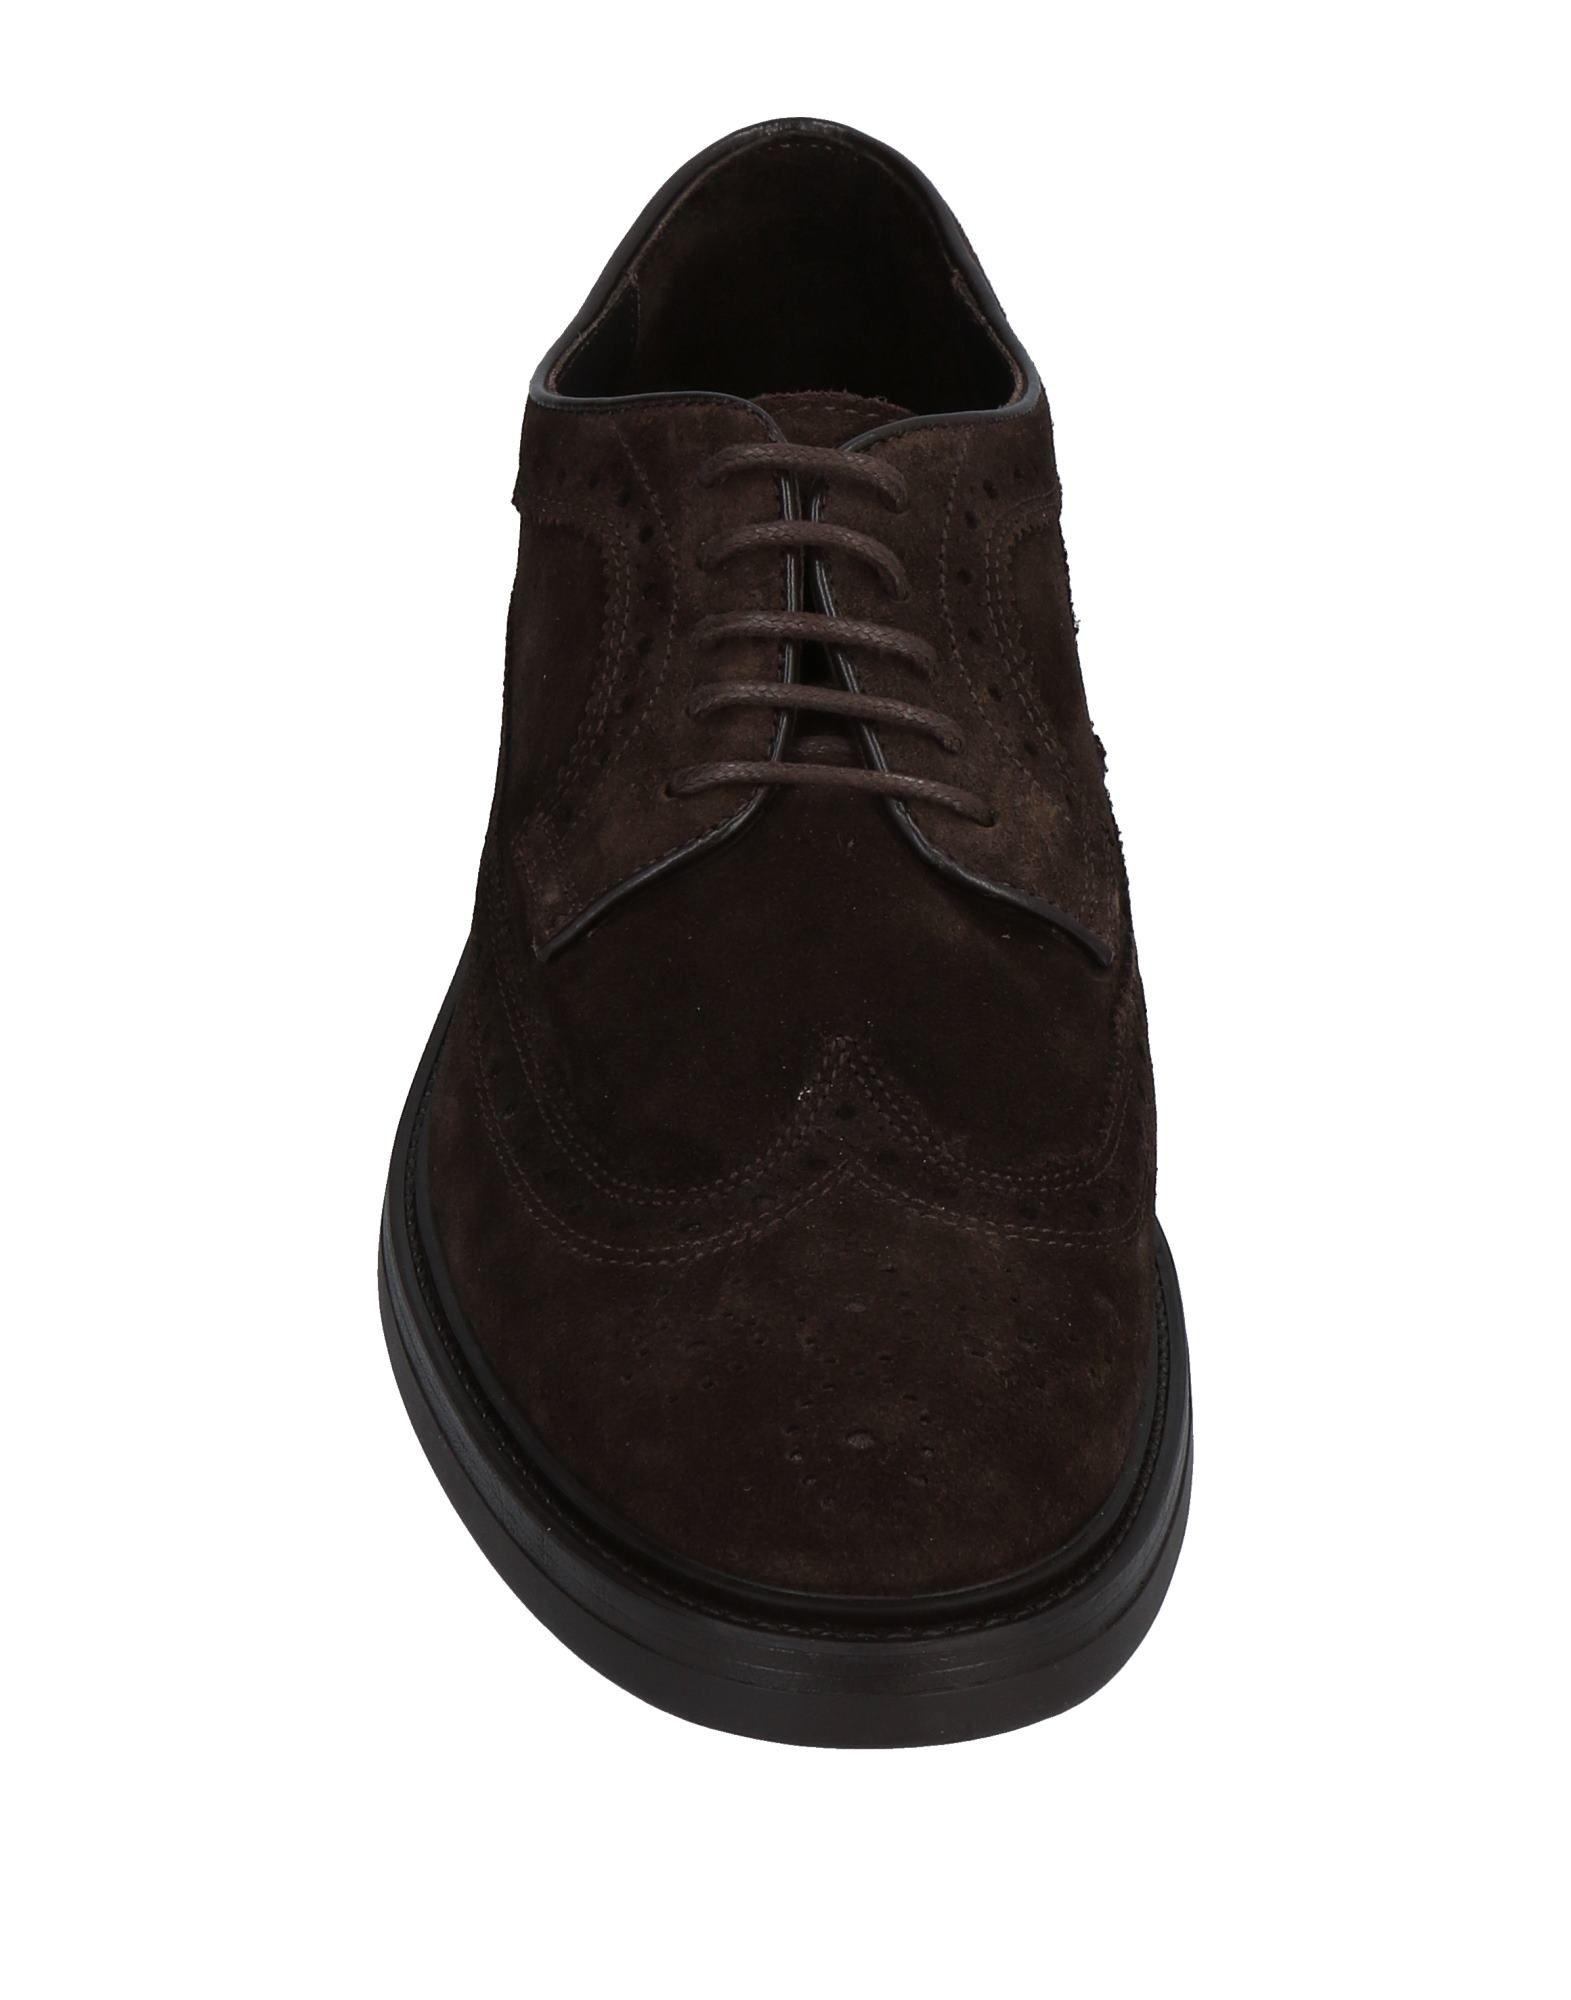 Marco Ferretti Schnürschuhe Herren  11481153VS Gute Qualität beliebte Schuhe